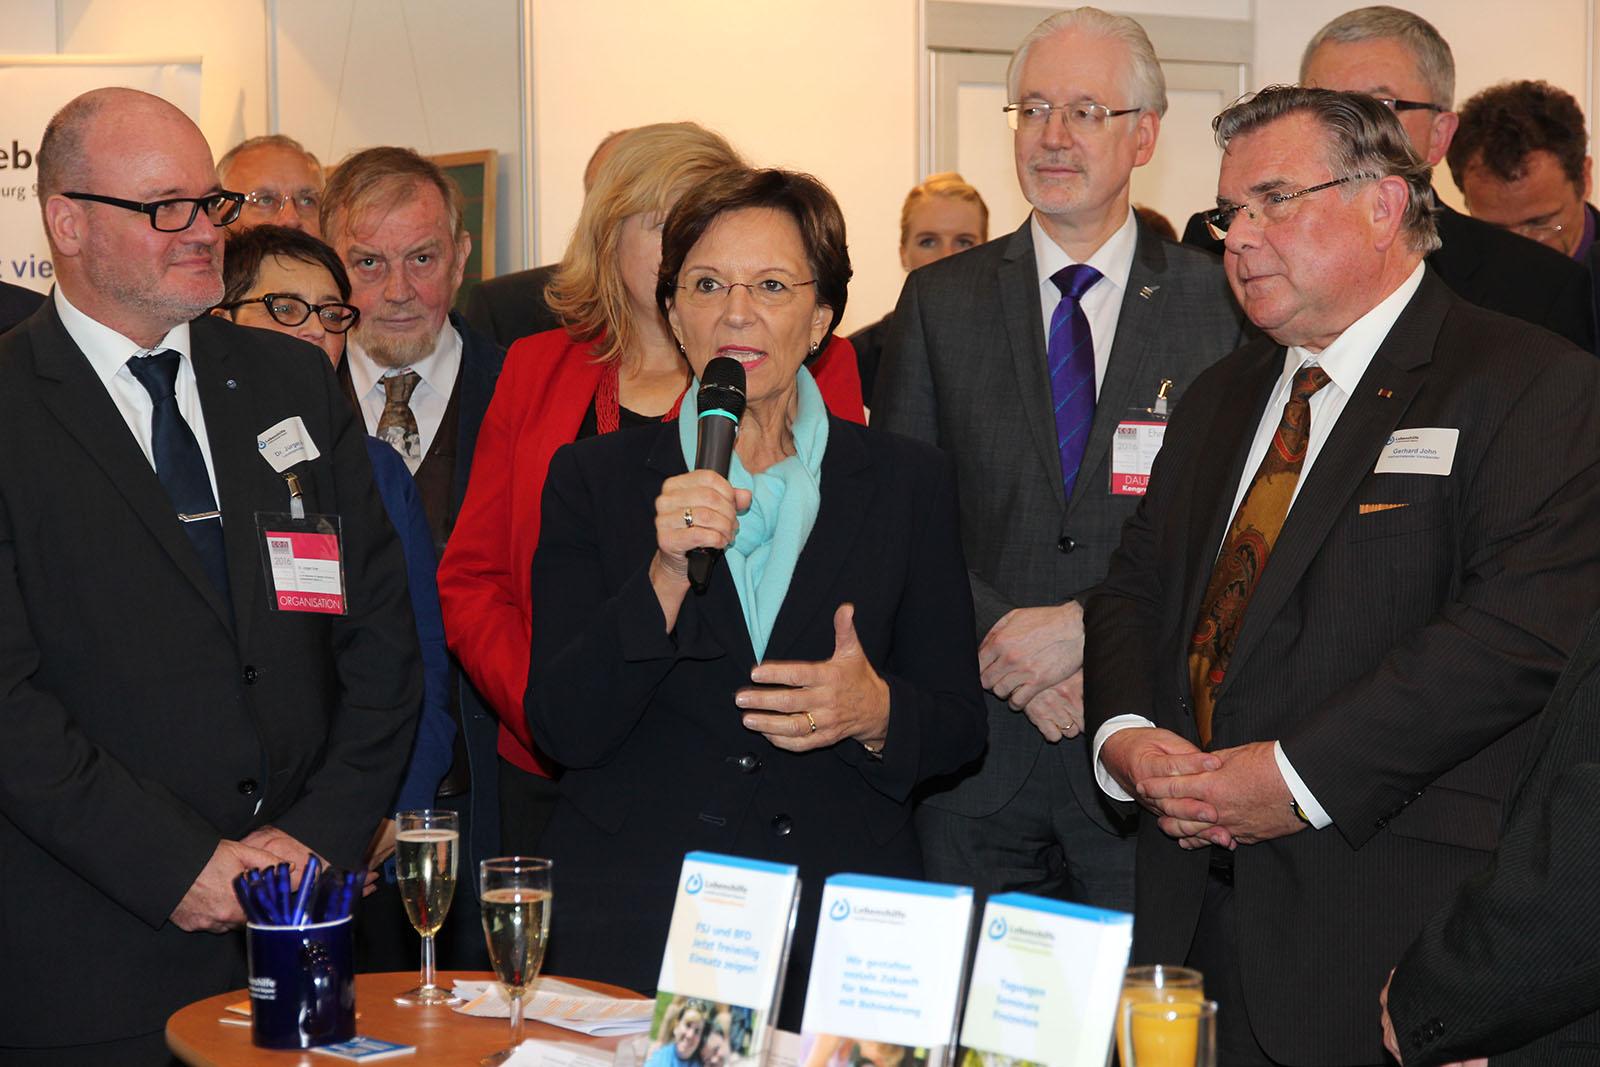 Dr. Jürgen Auer, Geschäftsführer Lebenshilfe Bayern (Sitz in Erlangen), Sozialministerin Emilia Müller, Klaus Meyer Vorstandsmitglied Lebenshilfe Landesverband sowie stellvertretender Landesvorsitzender John (vl.).